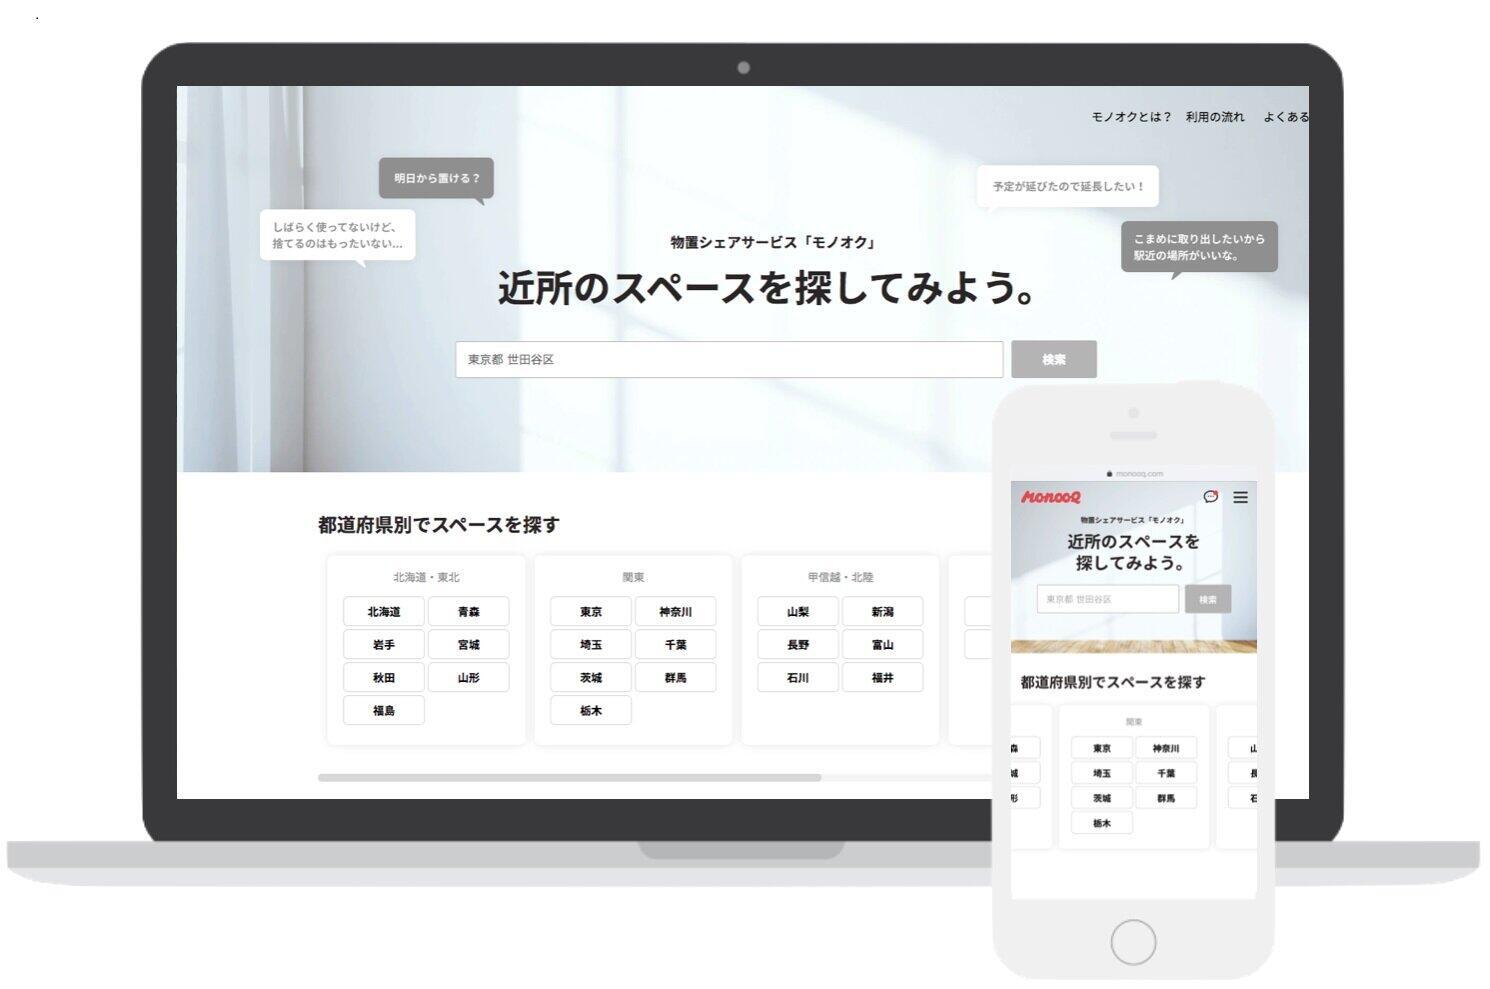 【コロナに勝つ! ニッポンの会社】テレワークの普及で撤退するオフィスをサポート! 買い物前にスーパーの混雑度をチェックできるマップ